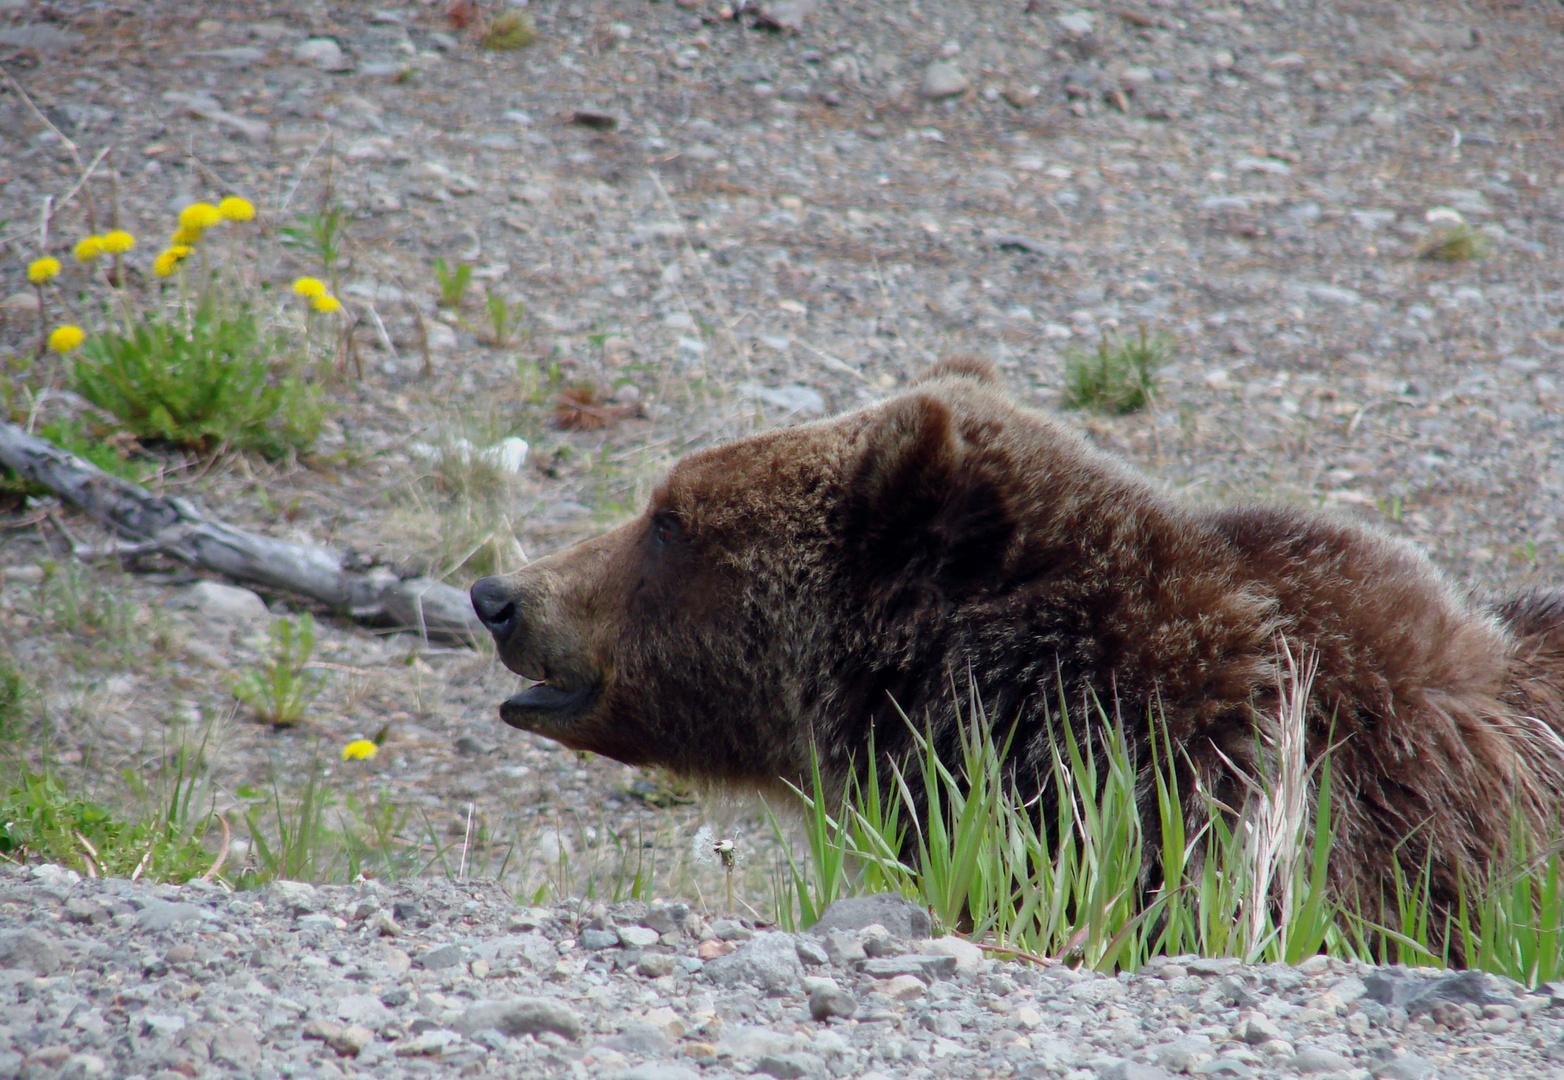 Bärenbrüder in Real - Part 1